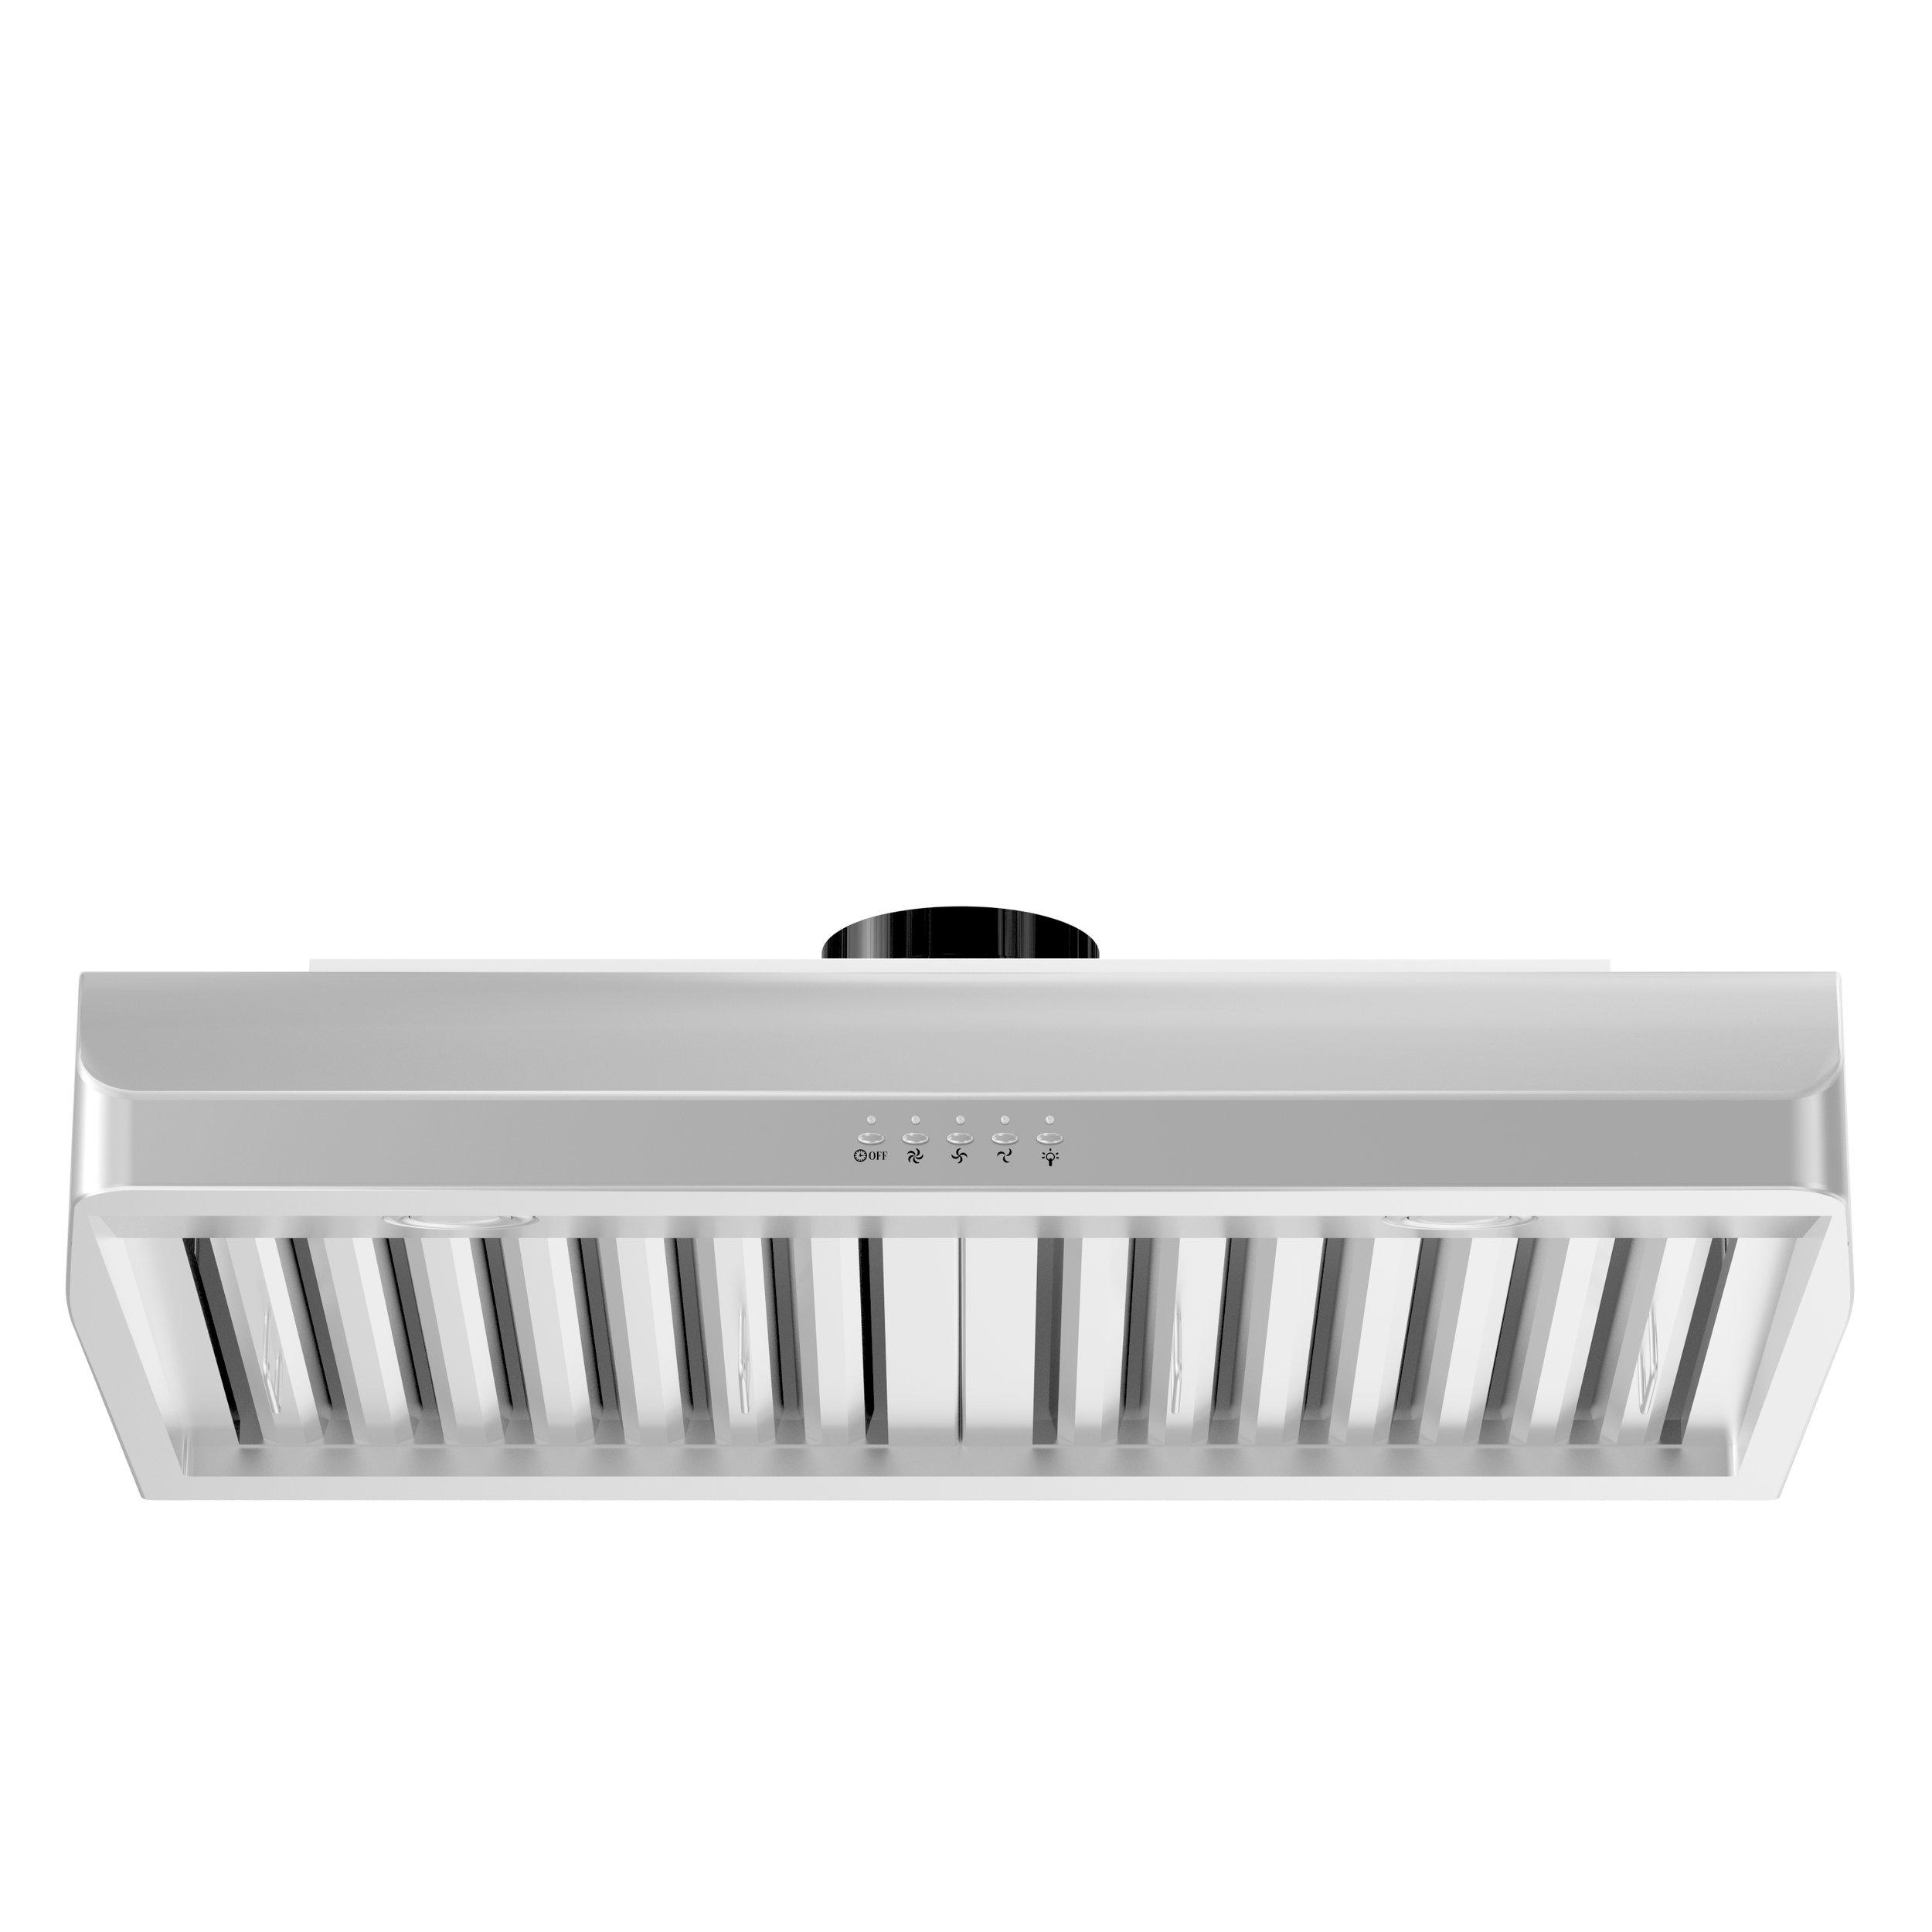 zline-stainless-steel-under-cabinet-range-hood-625-underneath.jpeg